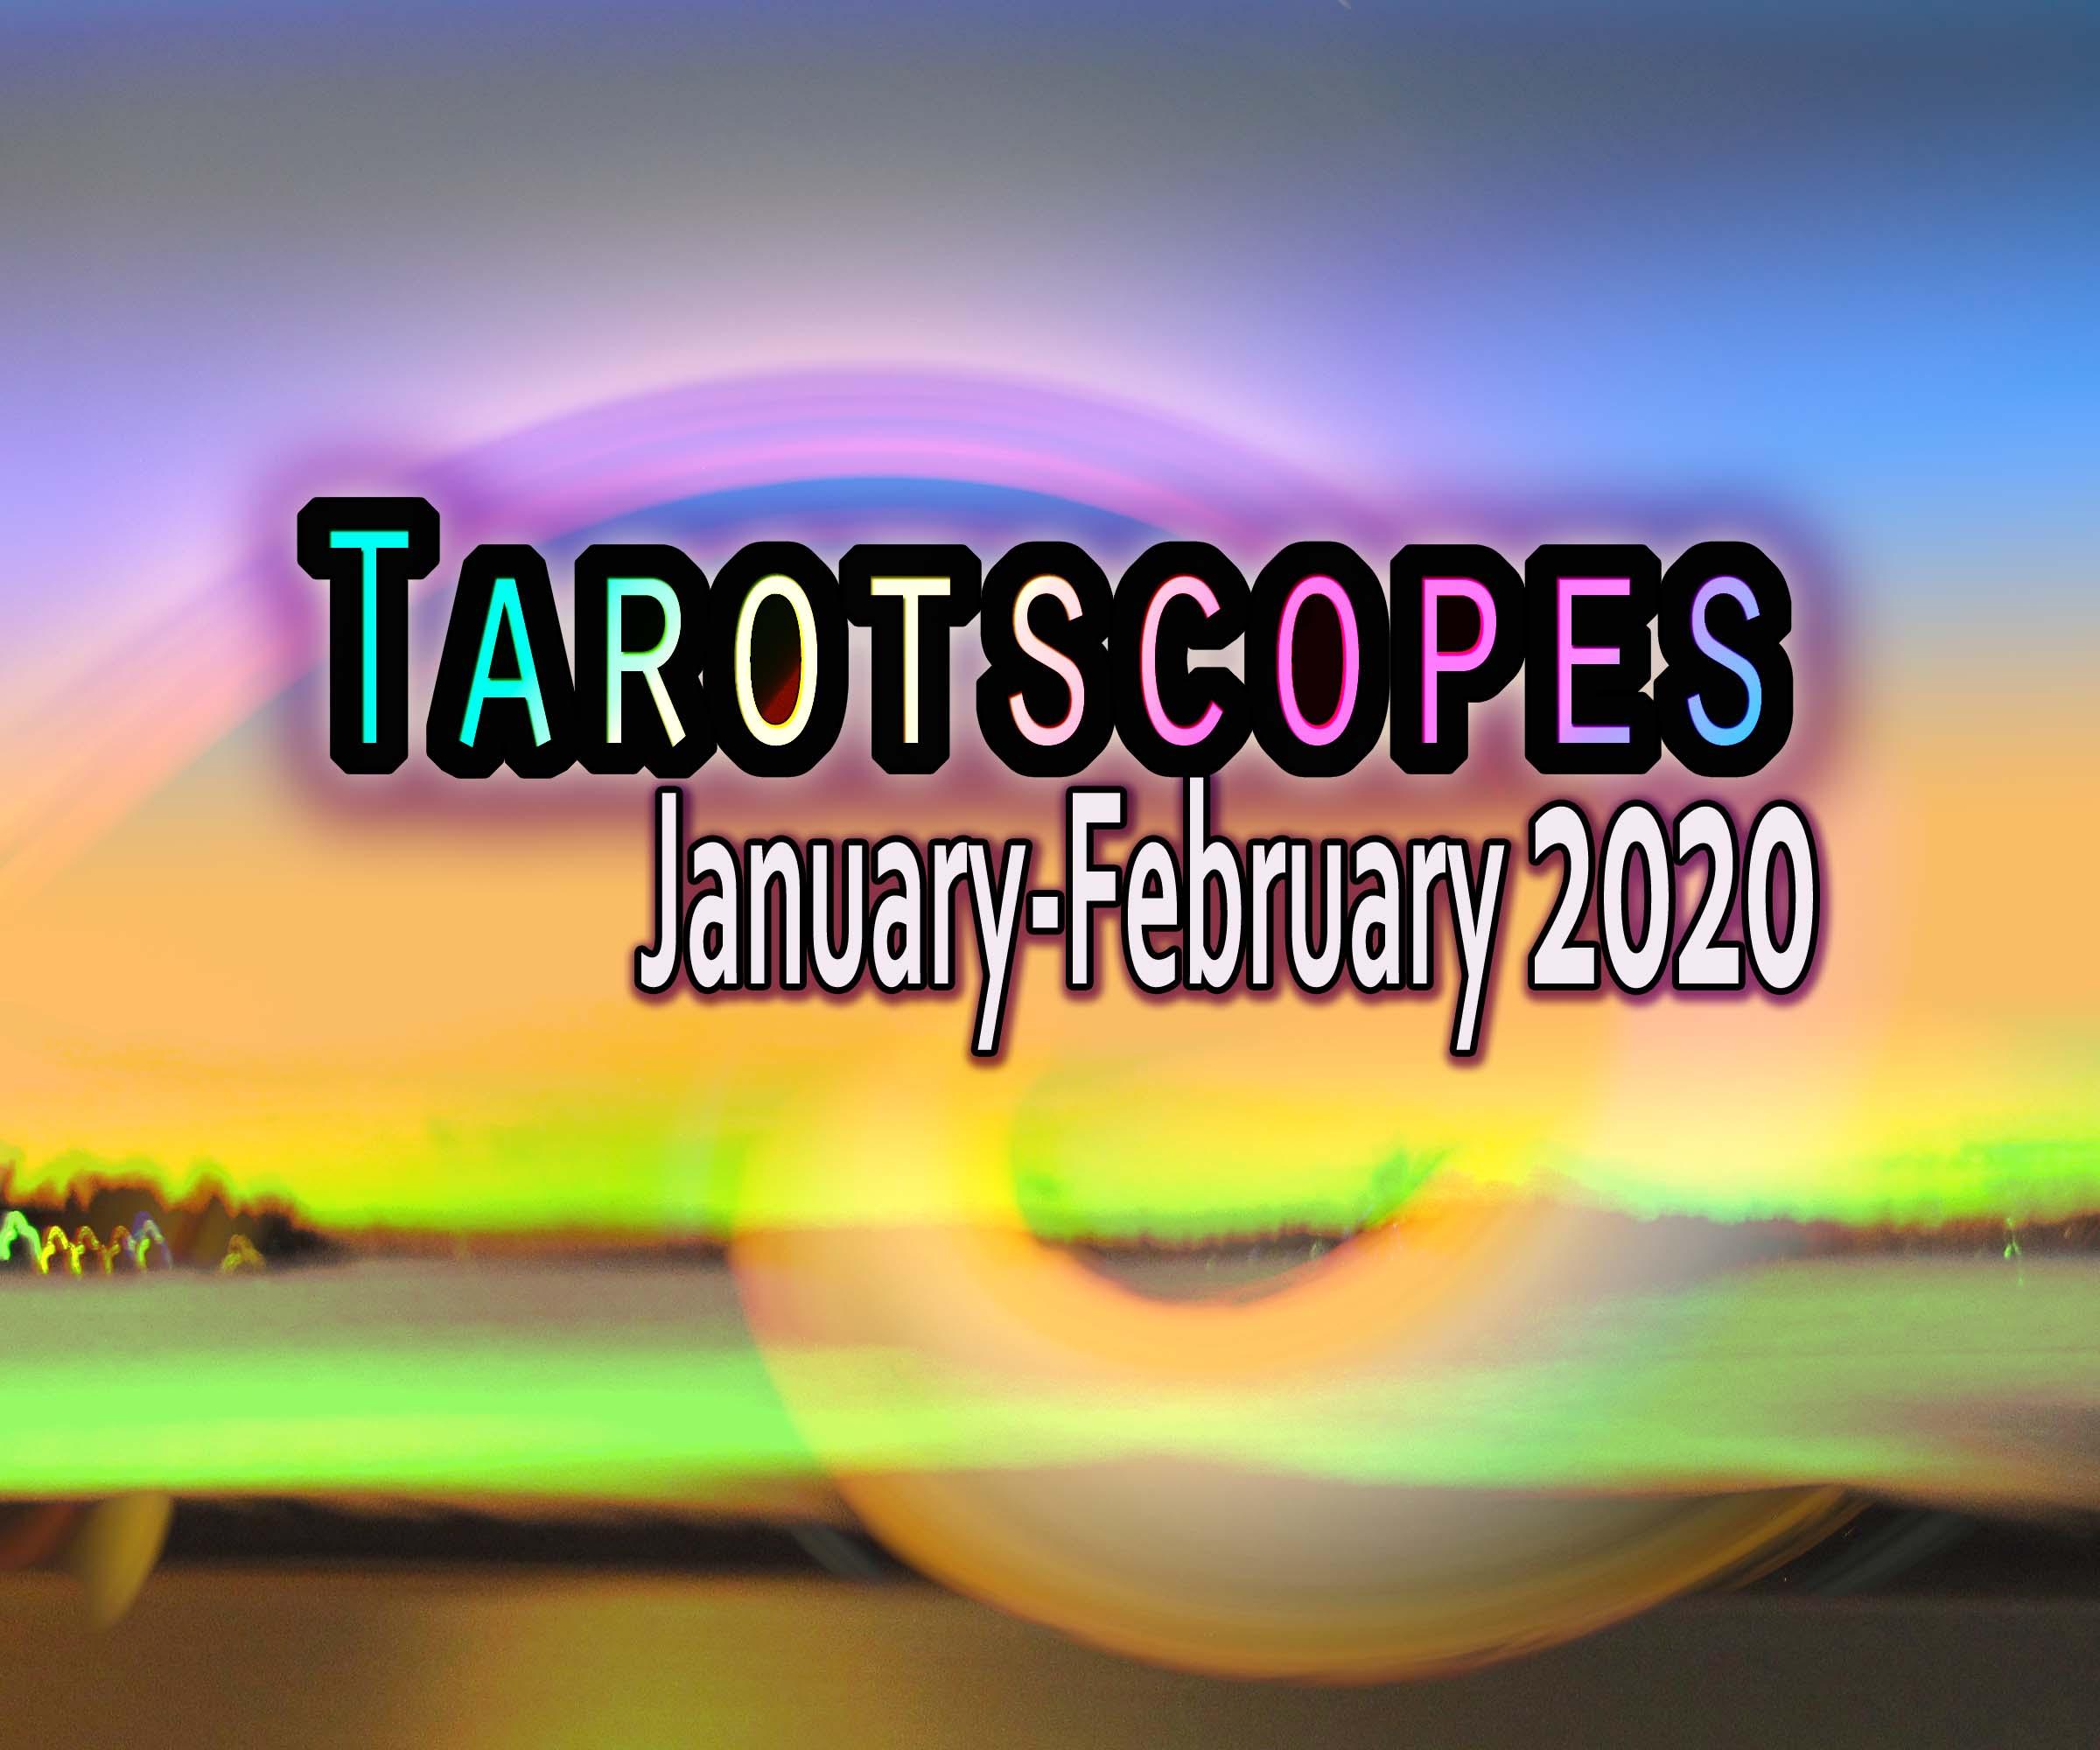 Tarotscopes for Mid-January to February 2020